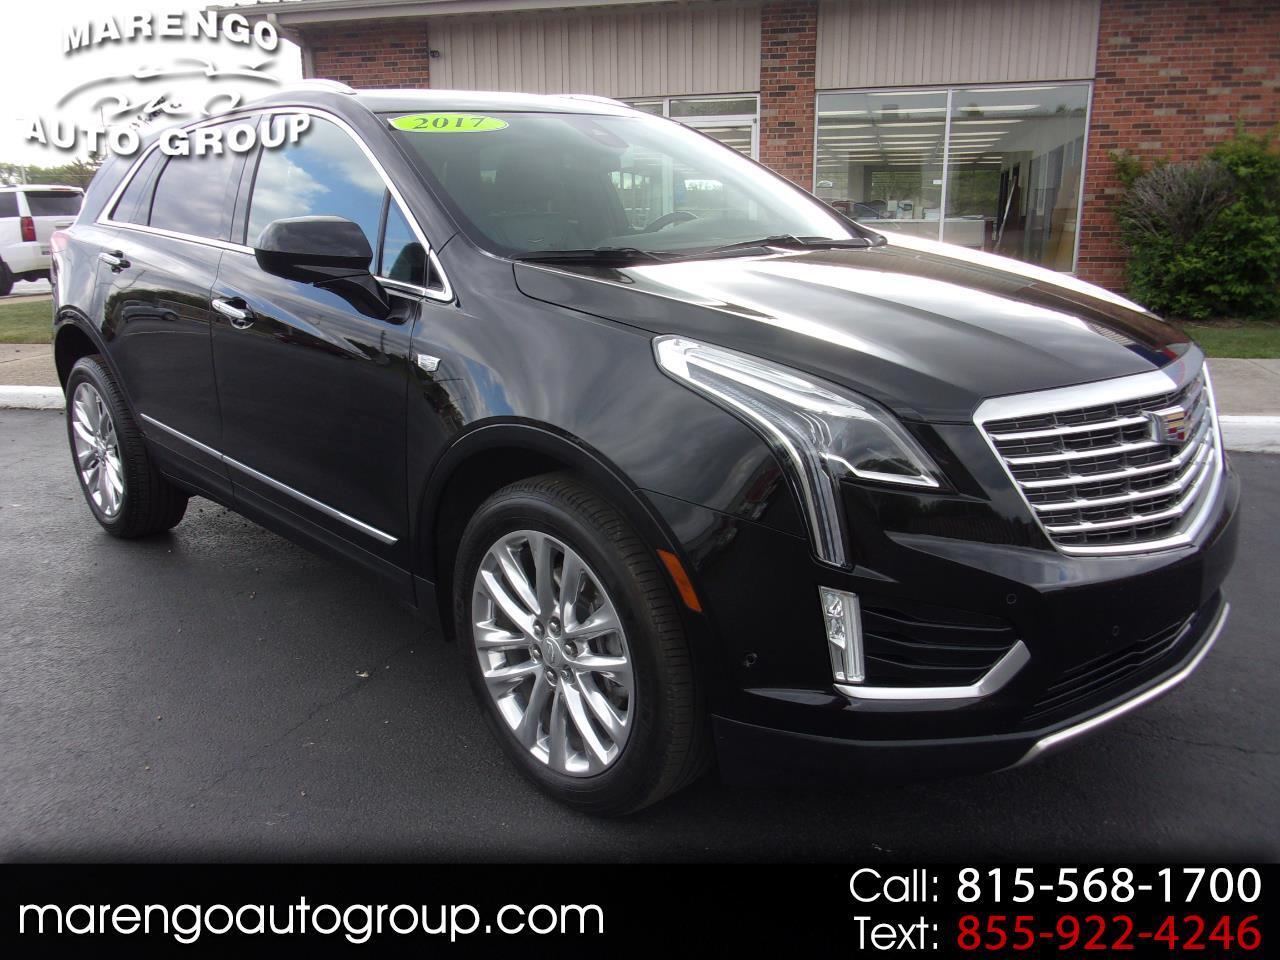 used 2017 Cadillac XT5 car, priced at $39,996